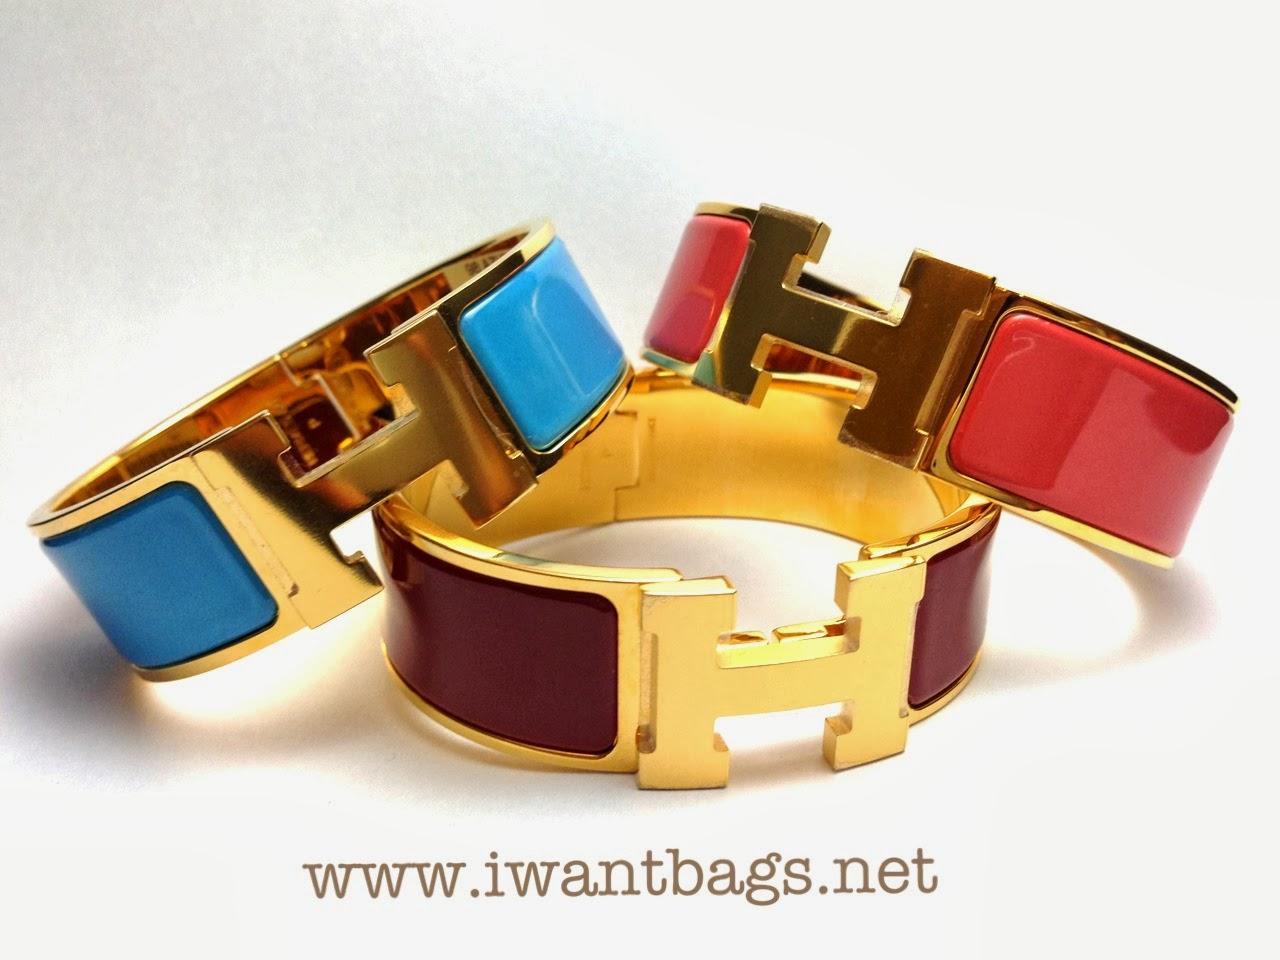 Hermes clic clac h bracelets galore - Clic clac 2 personnes ...